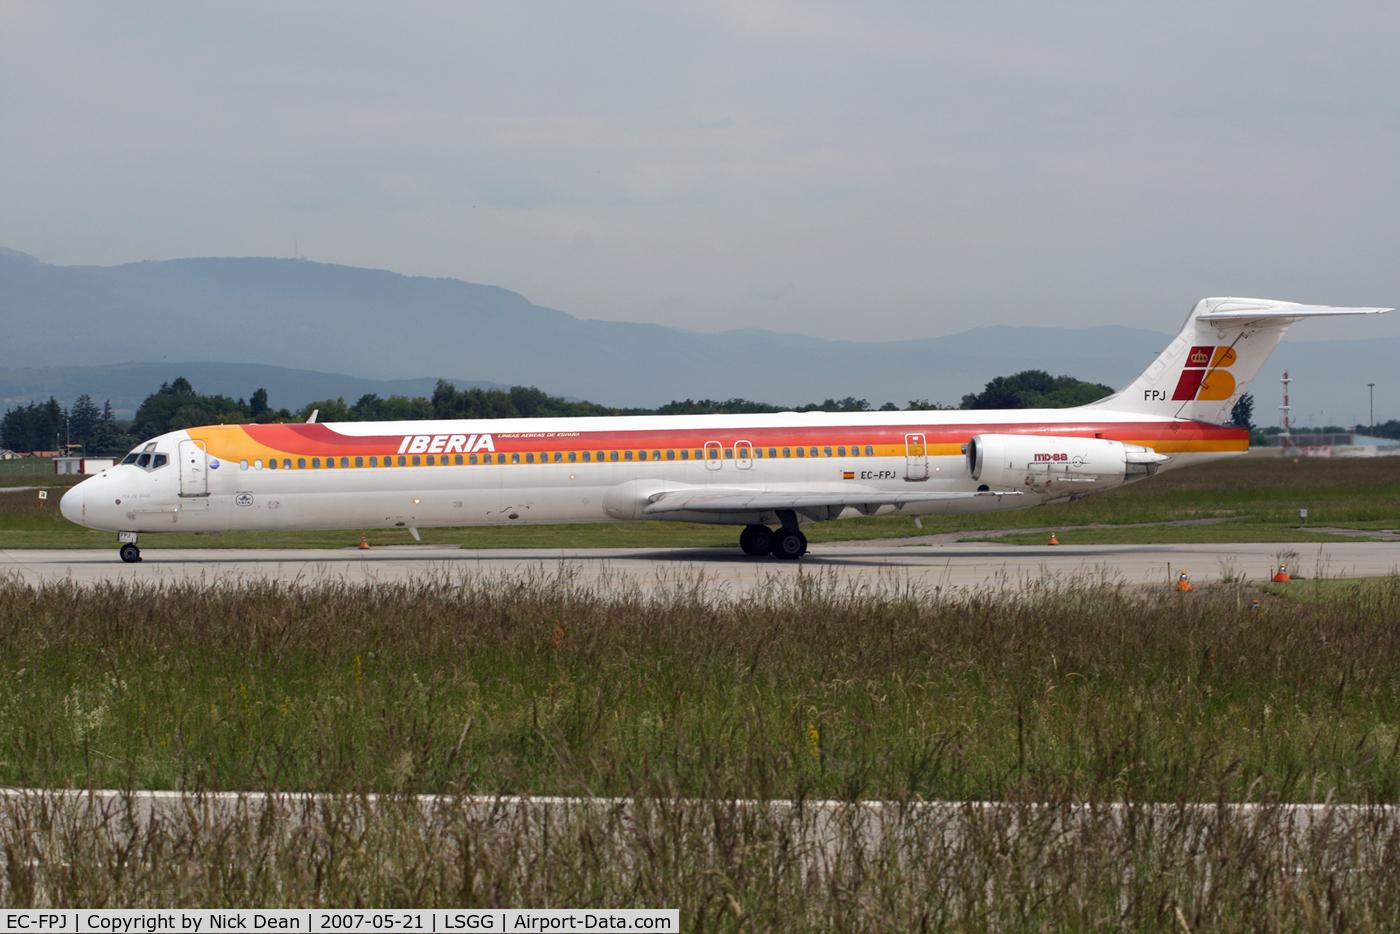 EC-FPJ, 1992 McDonnell Douglas MD-88 C/N 53310, LSGG